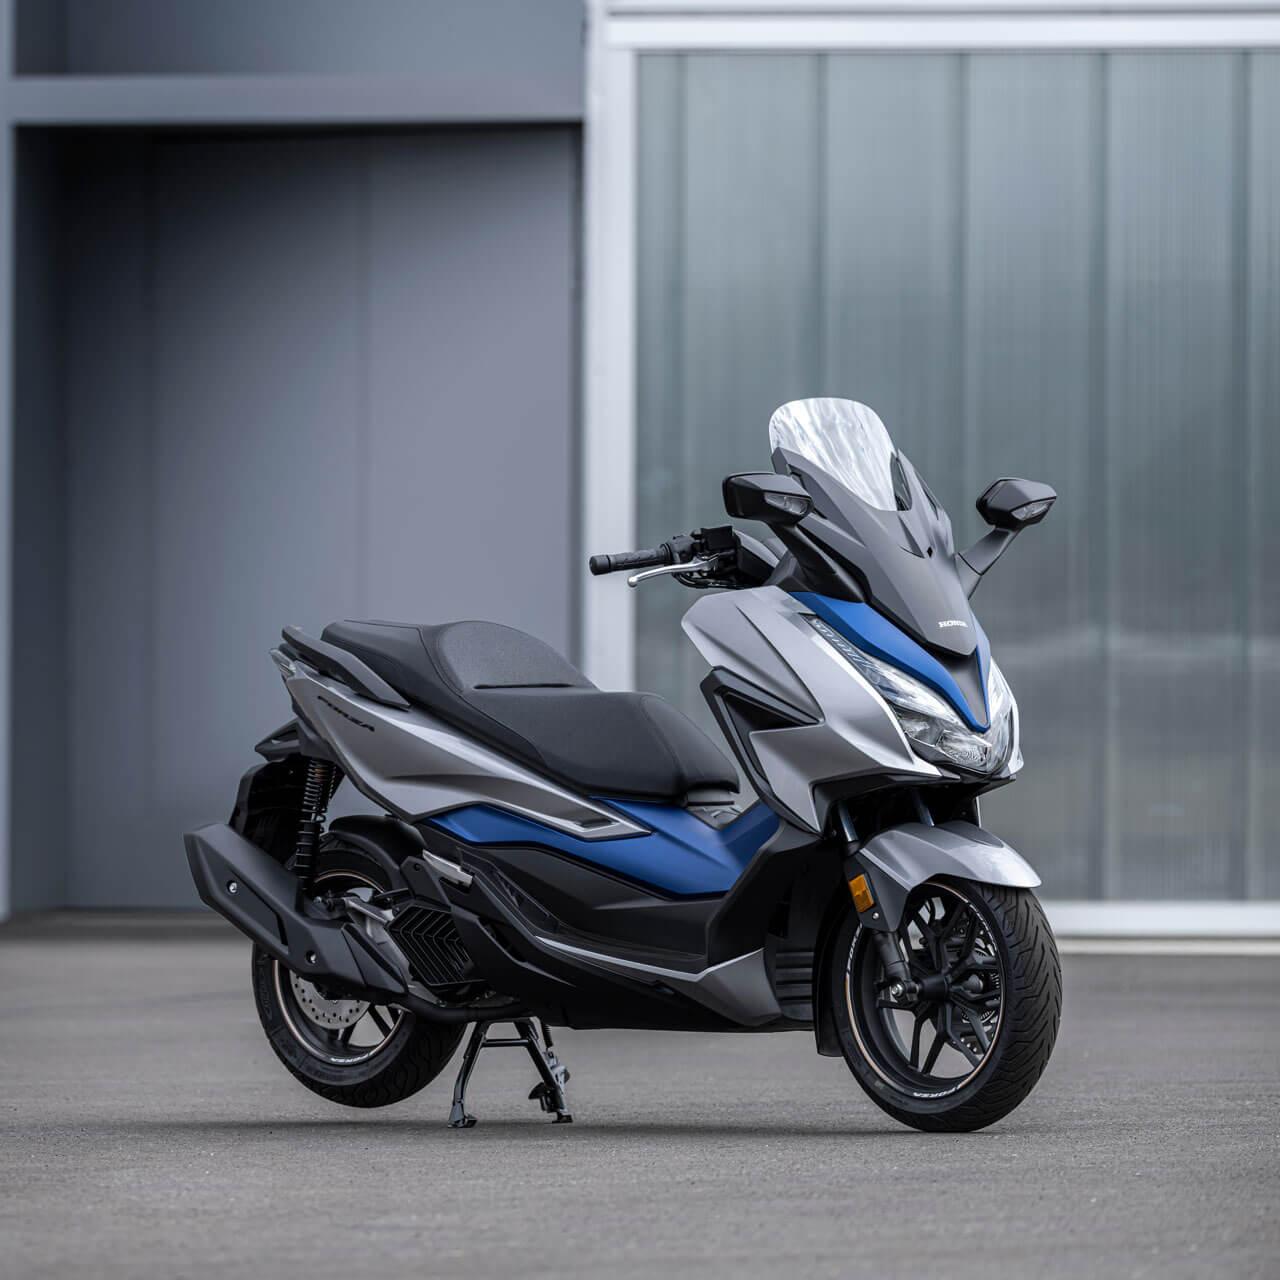 LOA Forza 125 107 € / mois